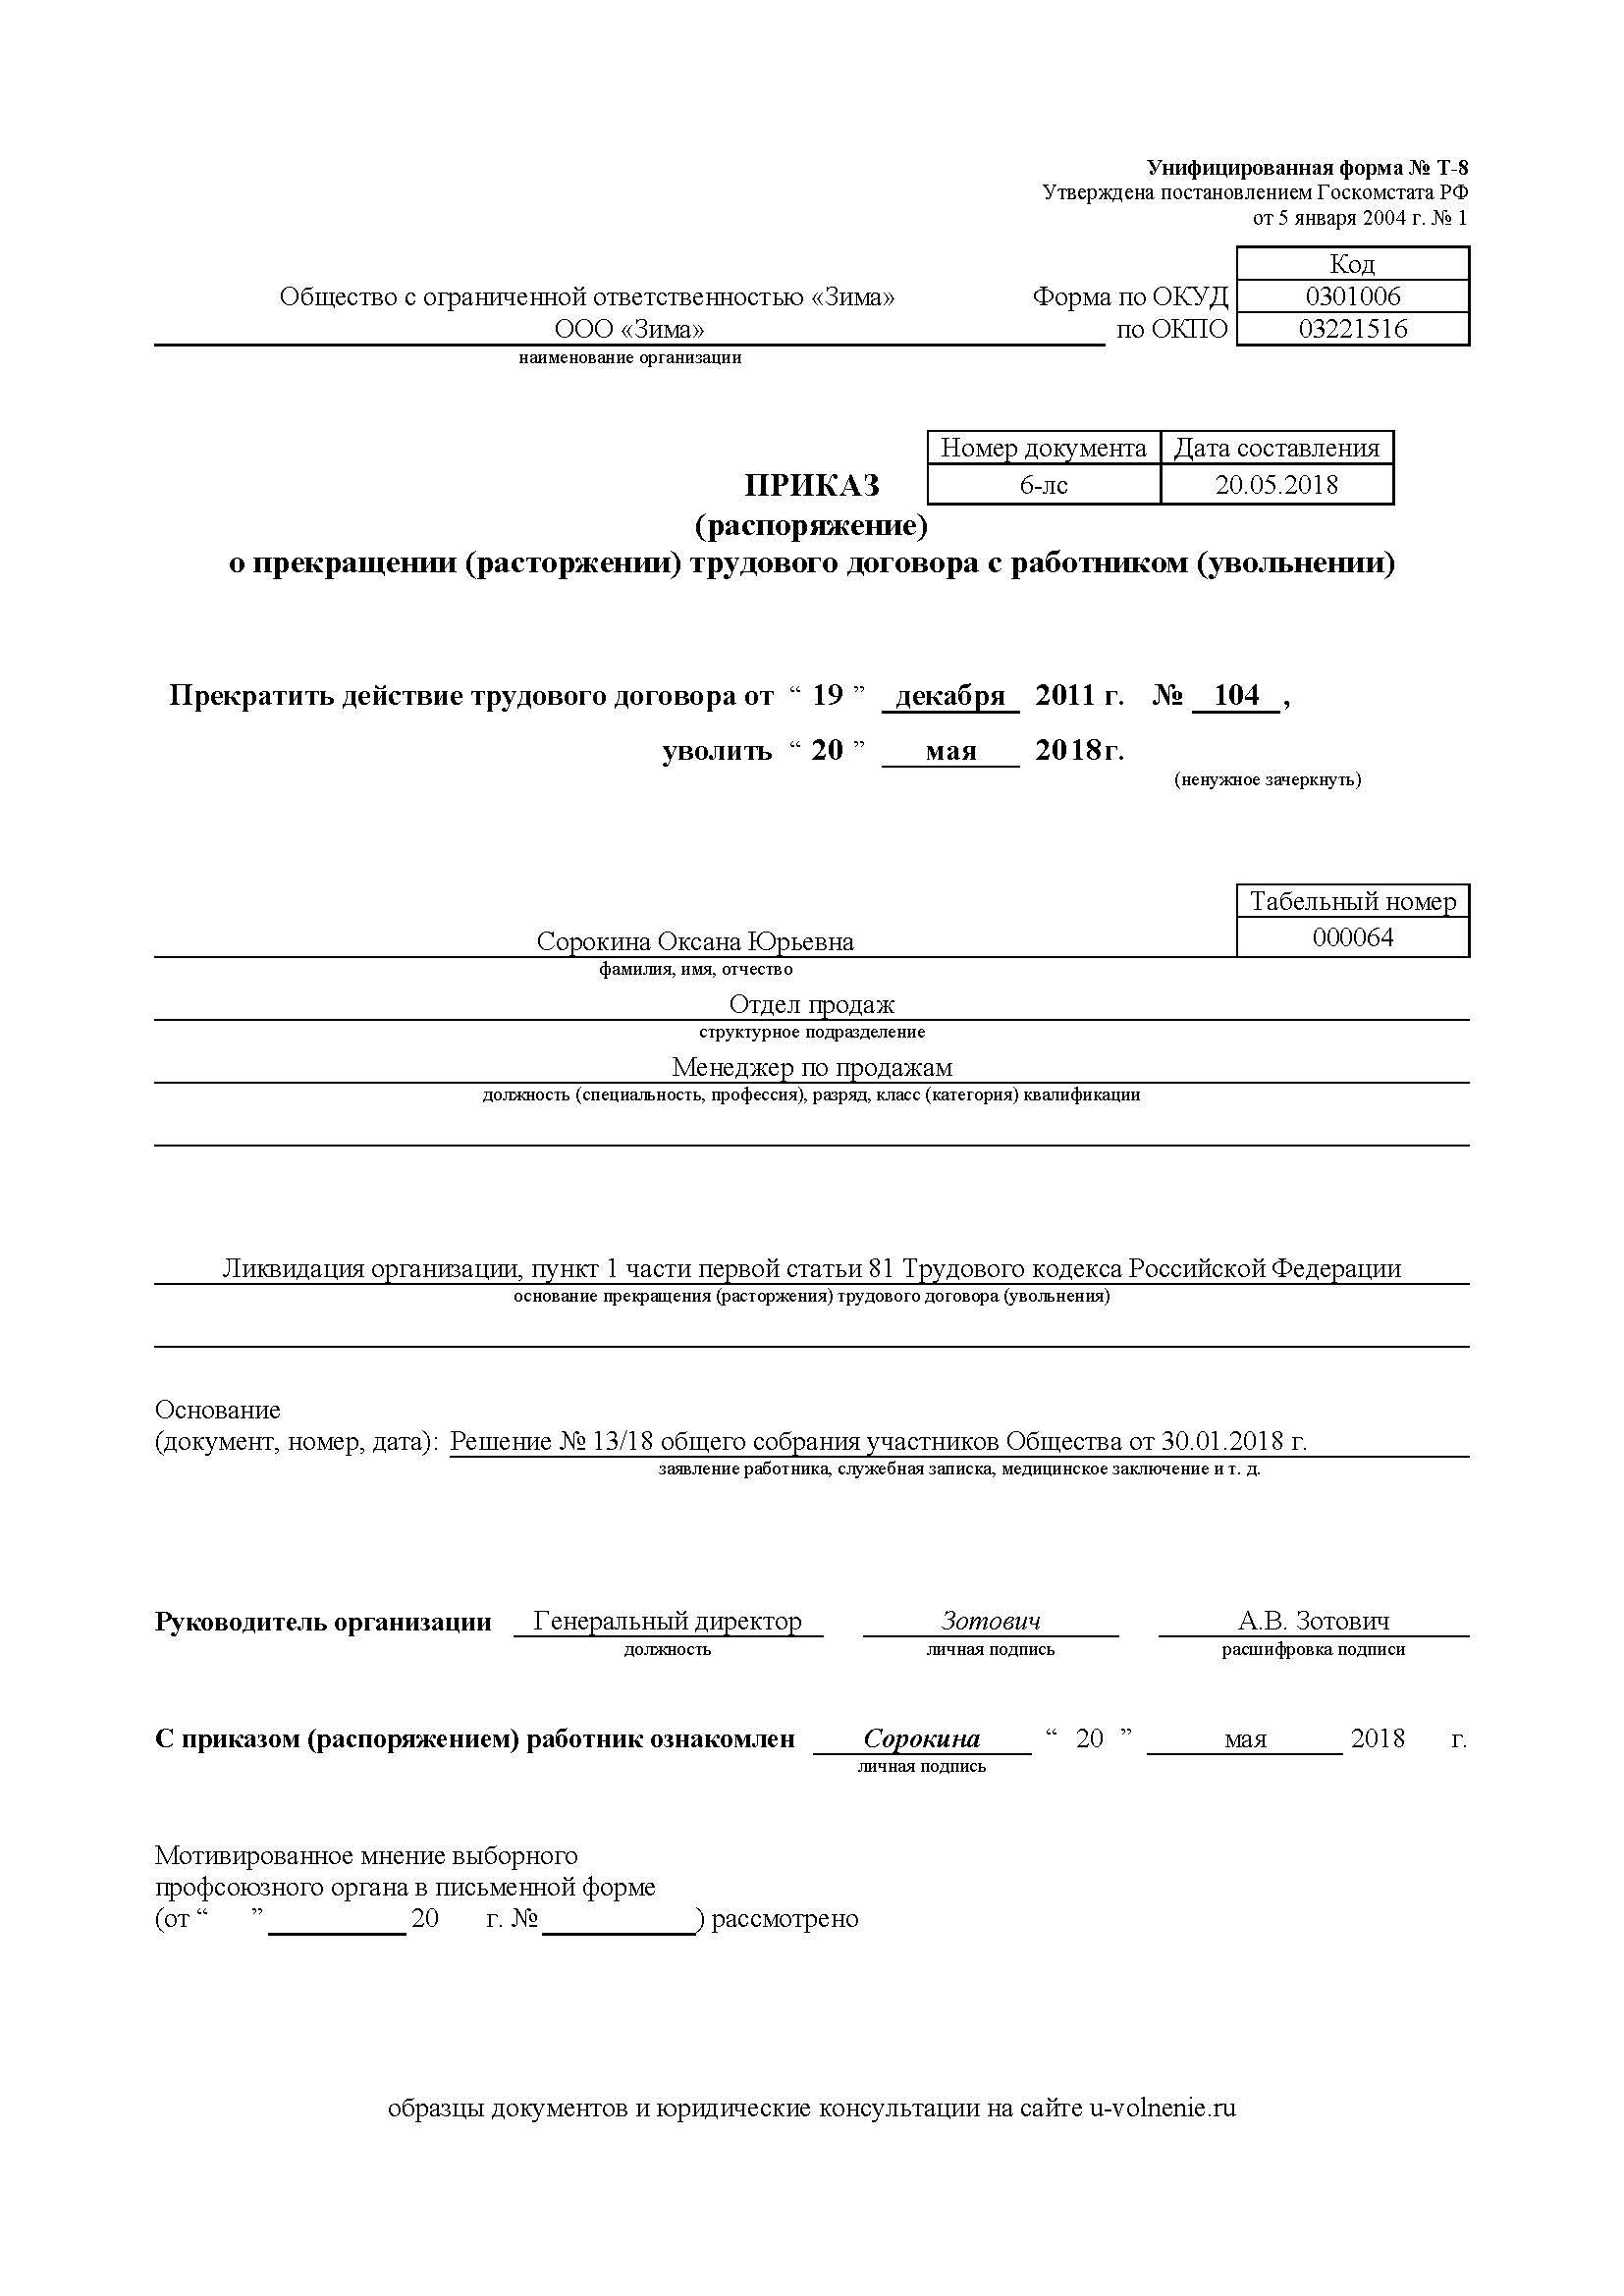 Образец приказа об увольнении в связи с ликвидацией